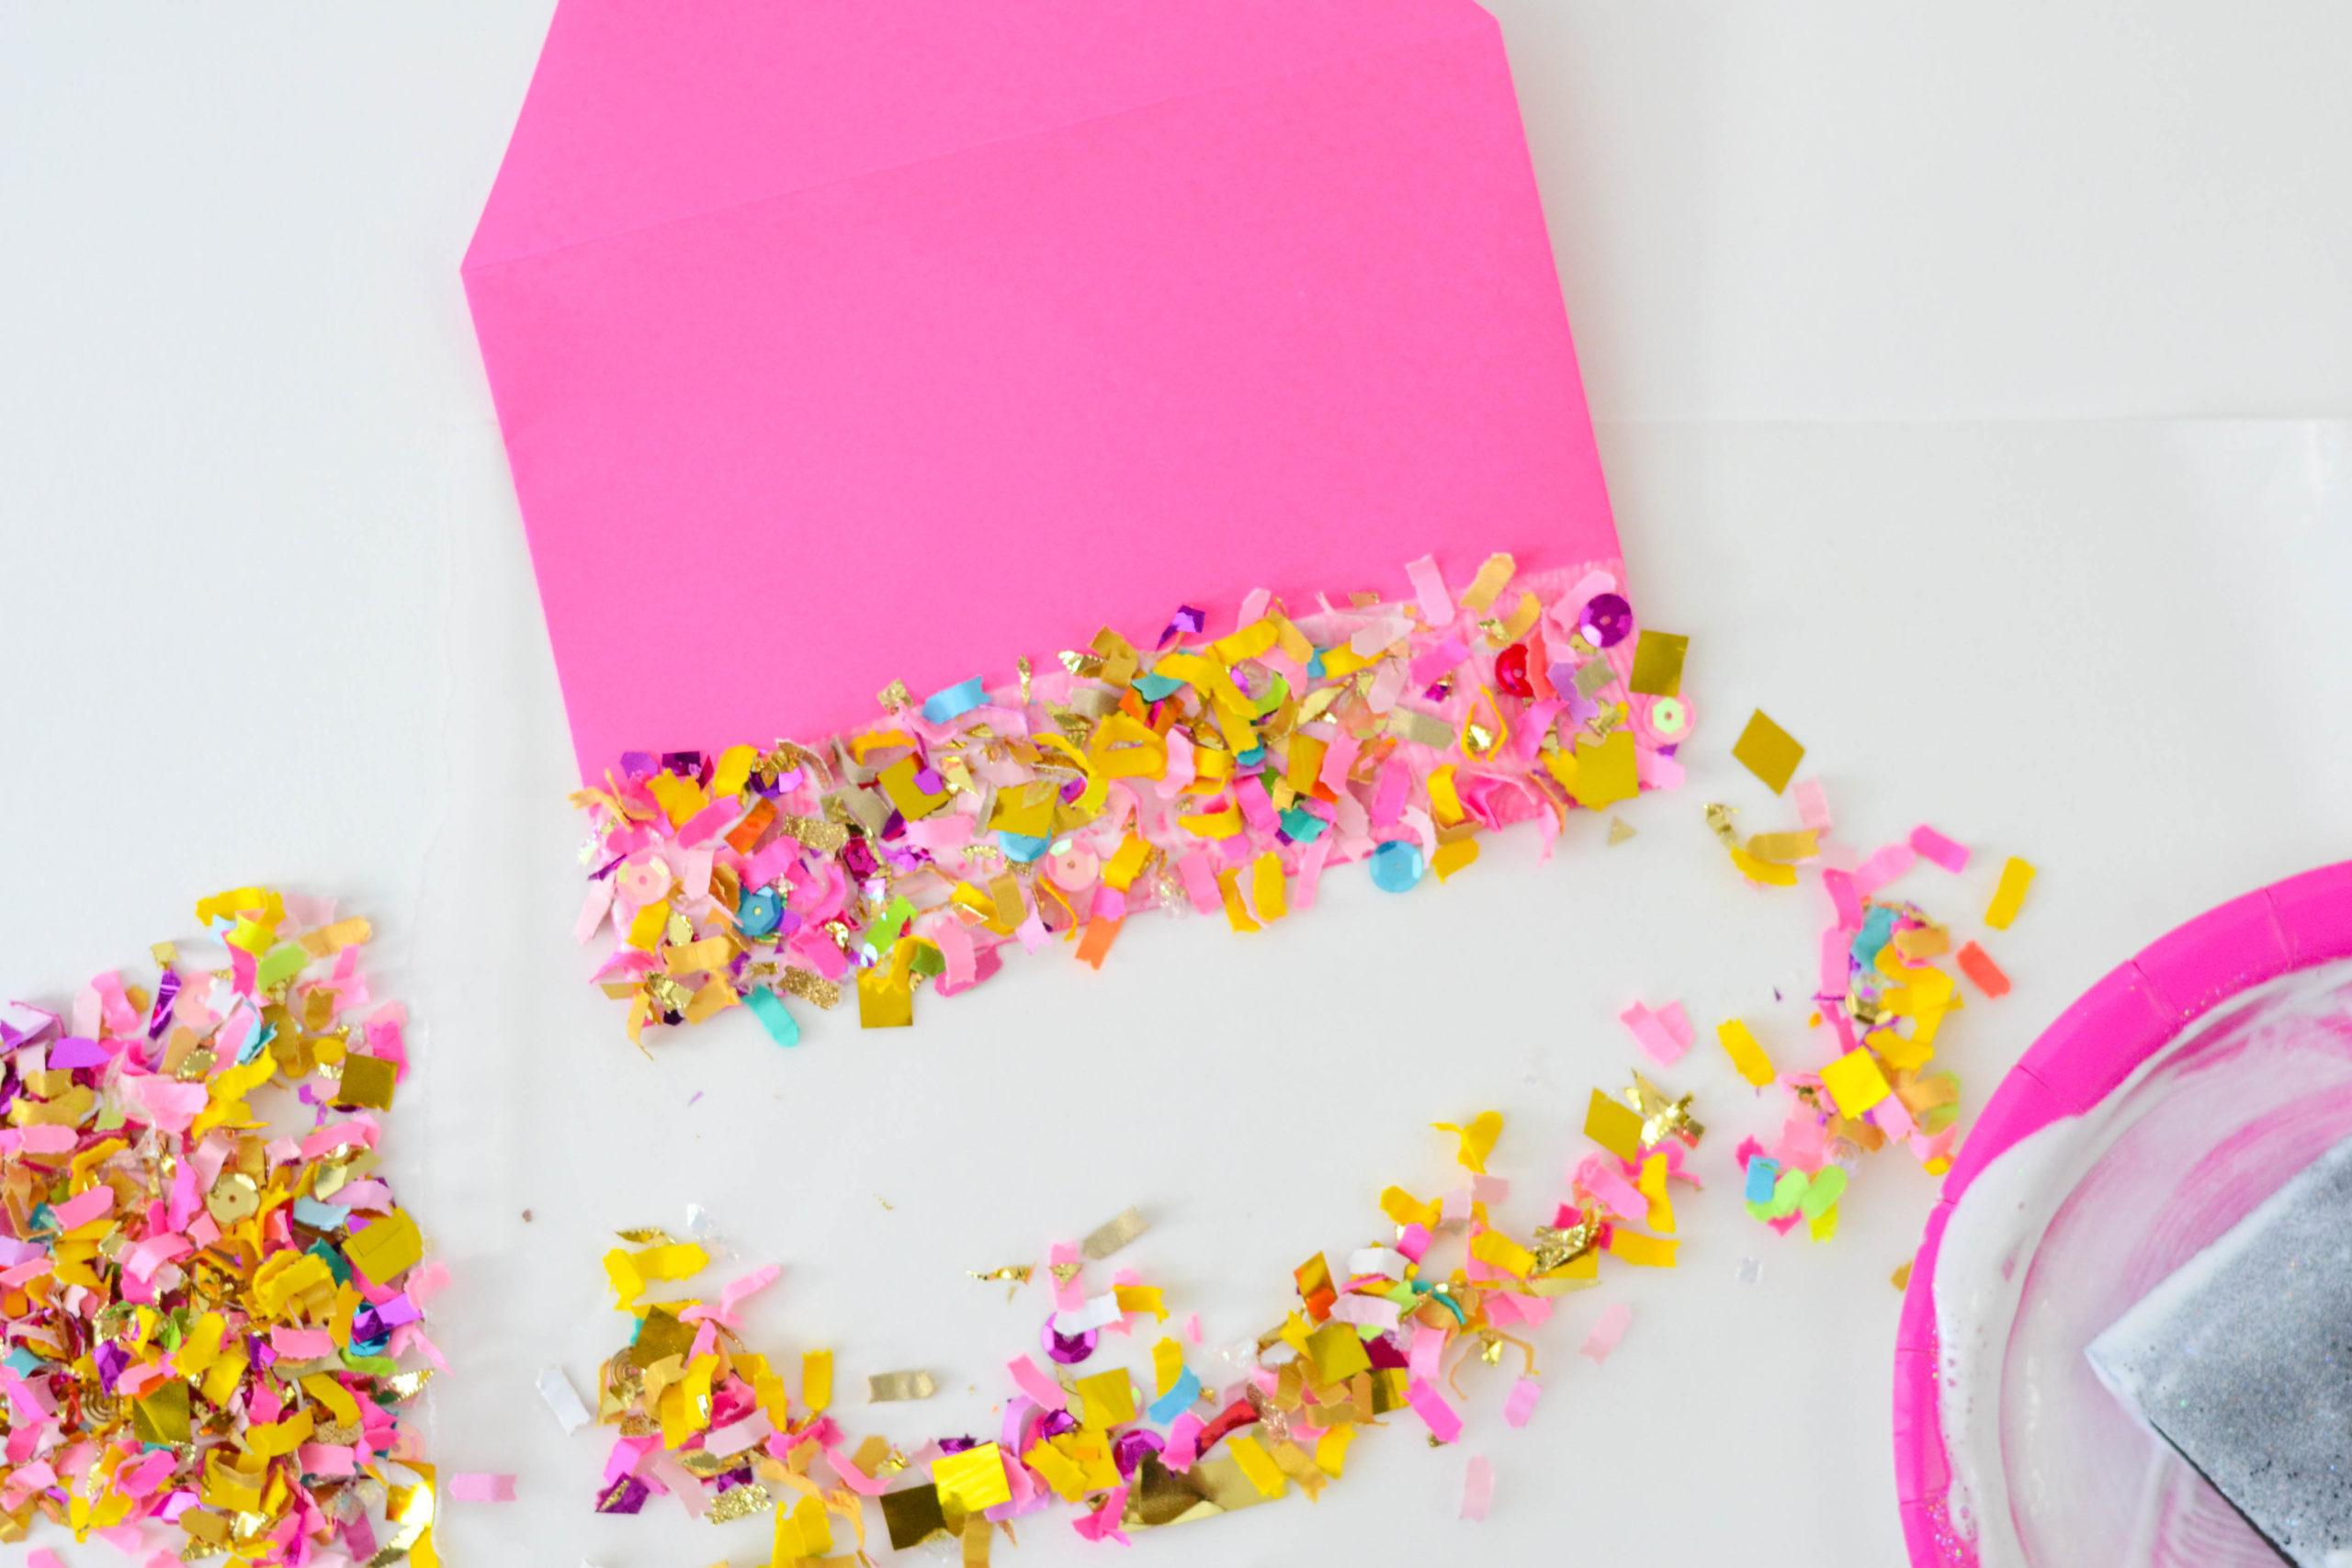 Enveloppe DIY rose décorée de confettis.